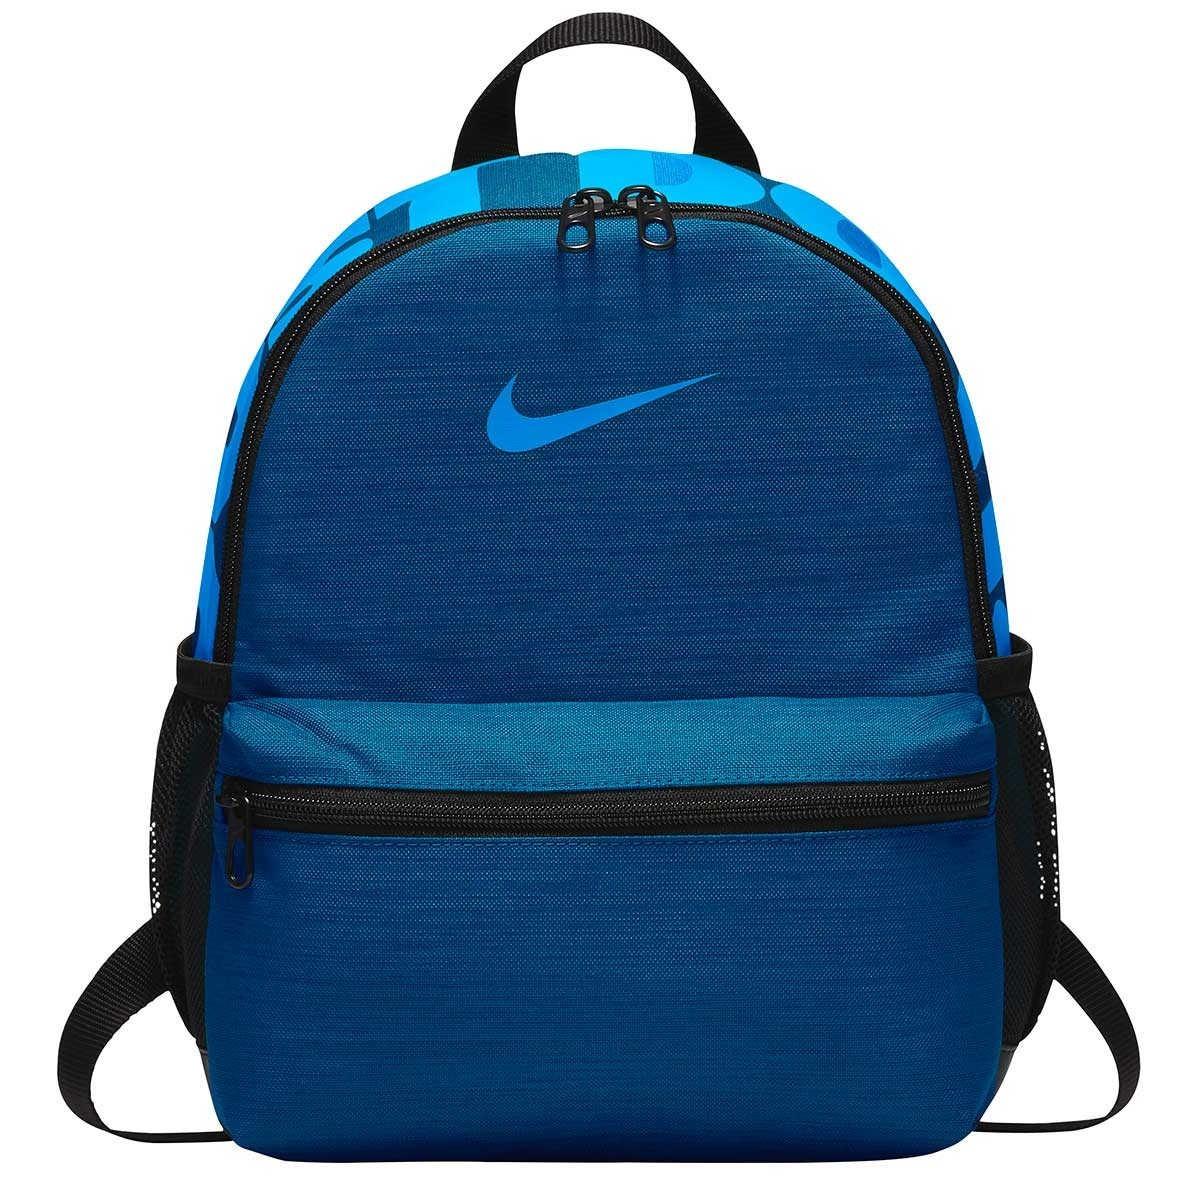 431Envio Nike Niño Para Dgt Escolar Mochila Ba5559 T3JulF1Kc